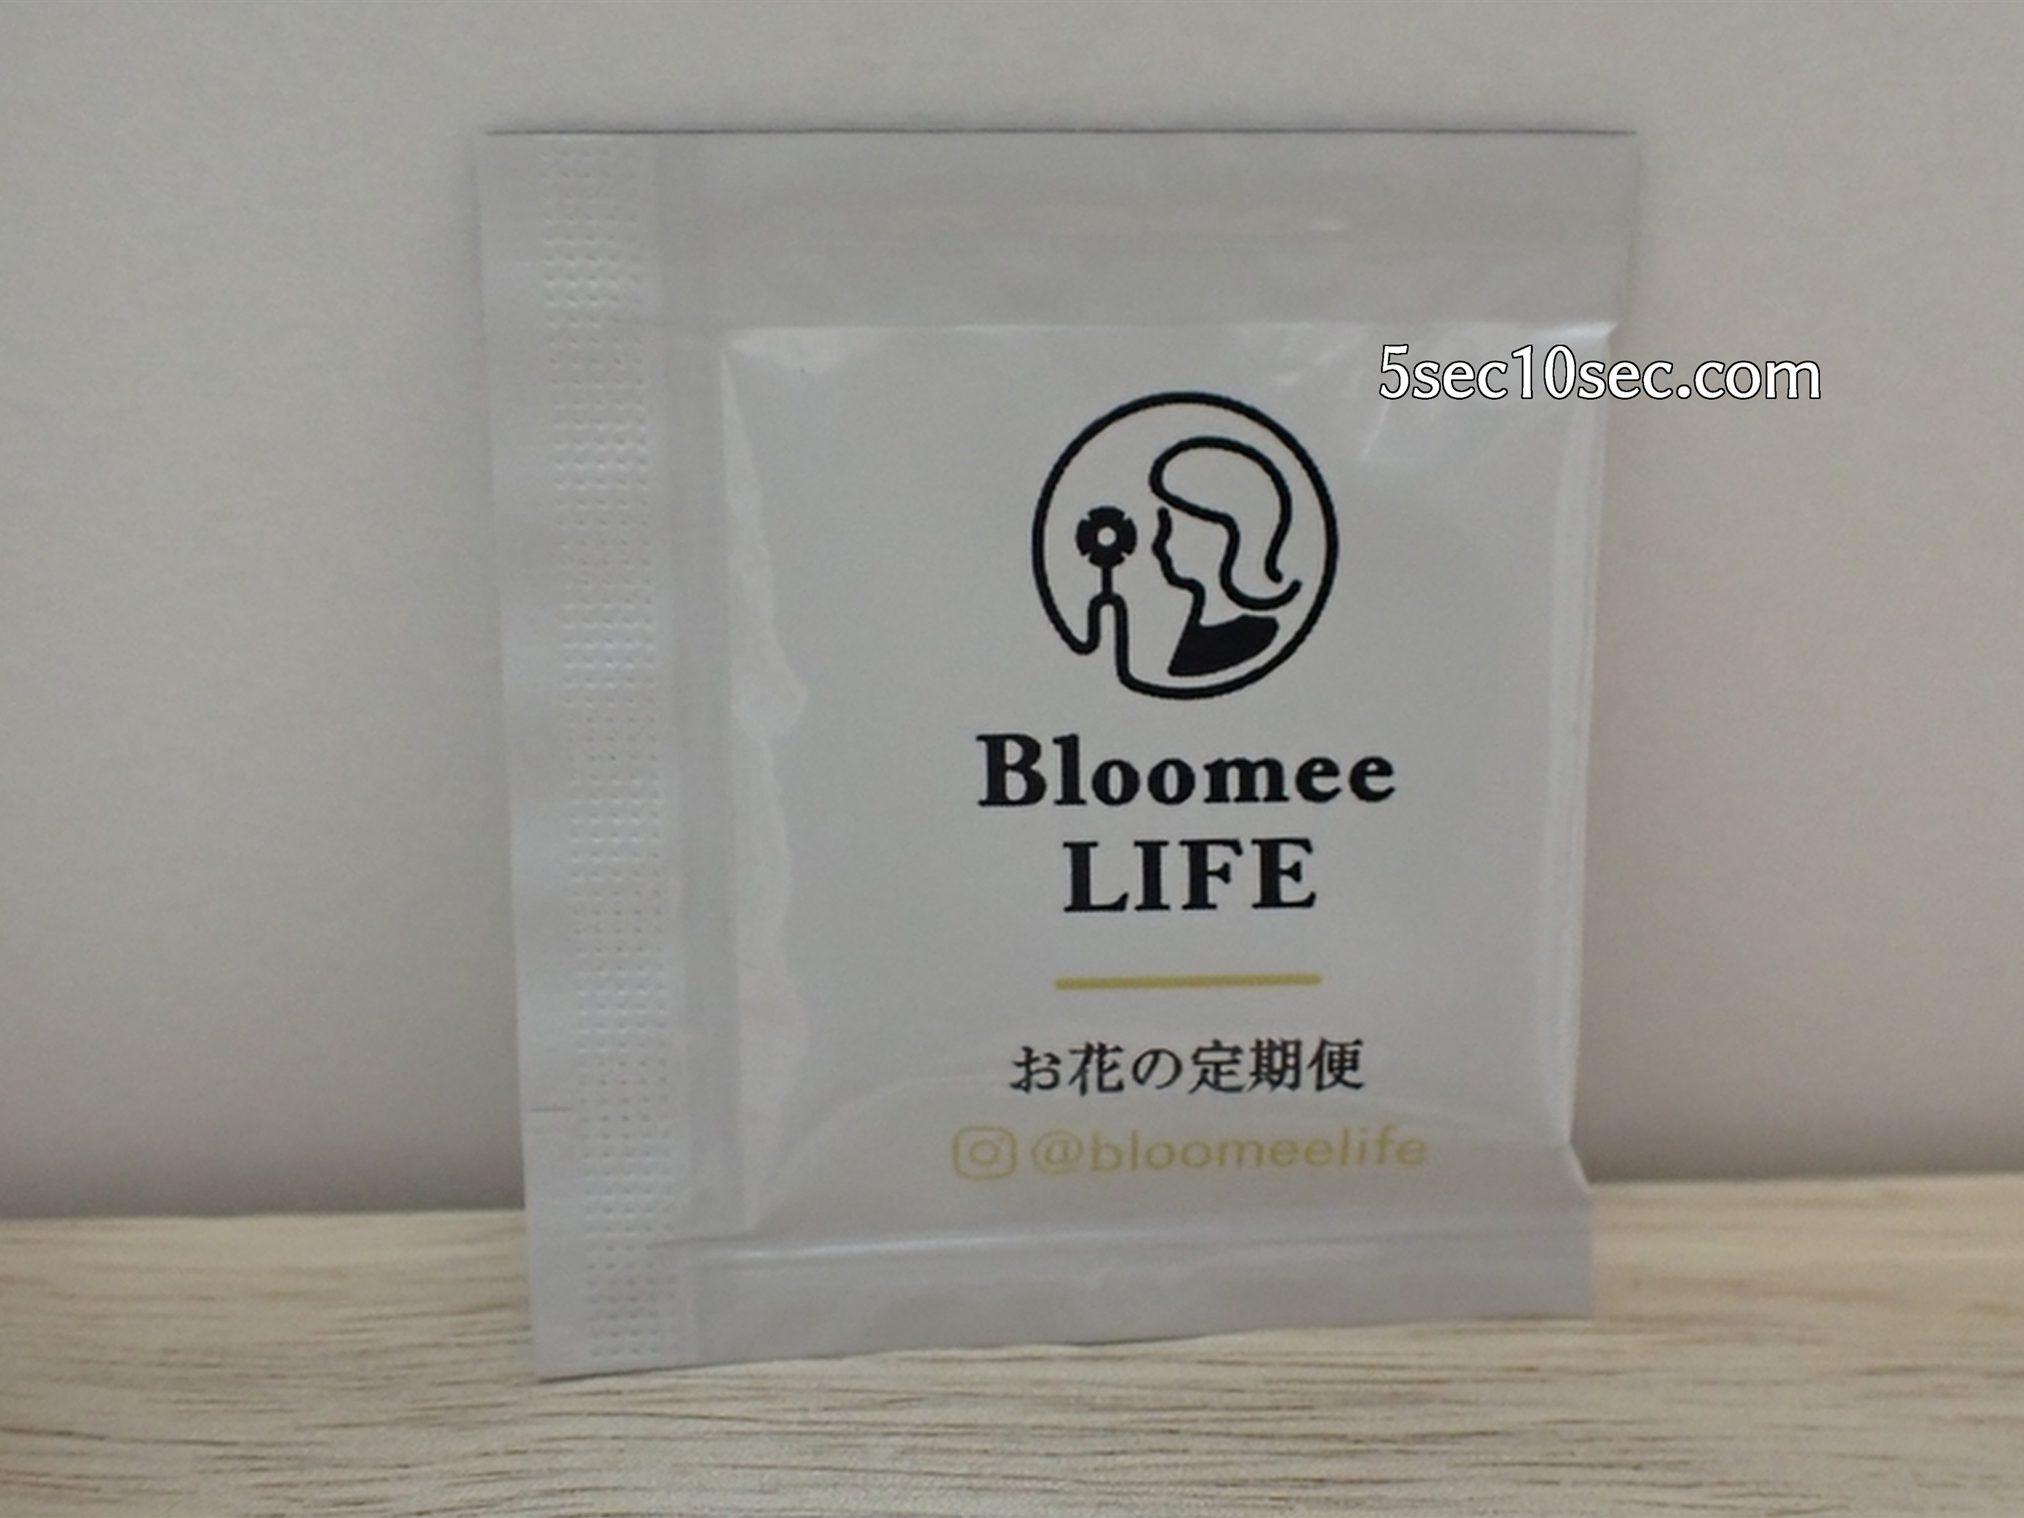 株式会社Crunch Style お花の定期便 Bloomee LIFE ブルーミーライフ レギュラープラン オリジナルのお花の延命剤、栄養剤が1つ付属しています